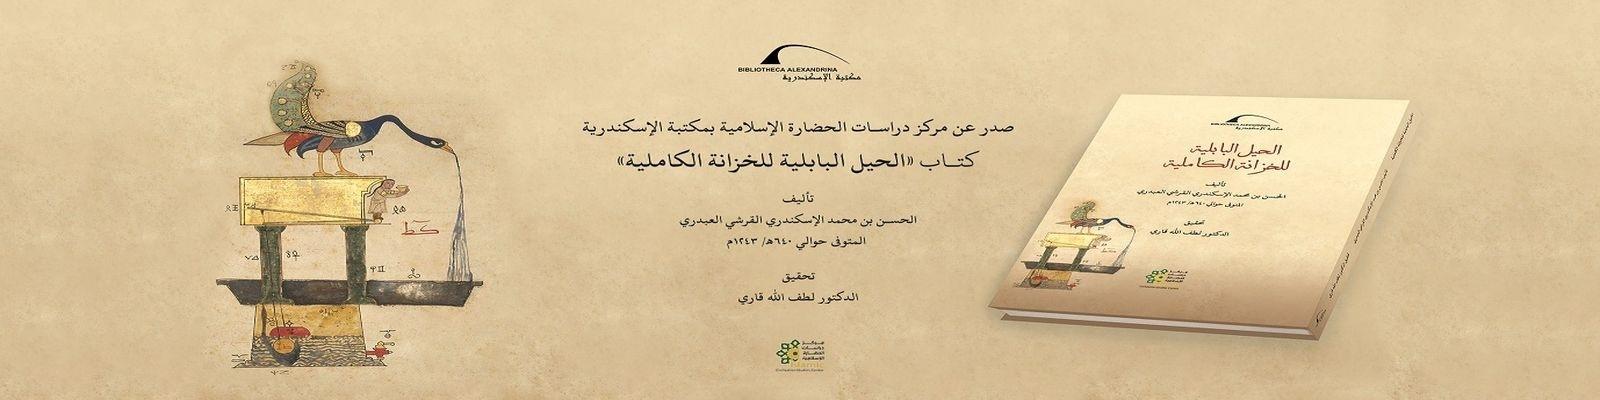 """""""الحيل البابلية"""" .. أحدث إصدارات مركز دراسات الحضارة الإسلامية بمكتبة الإسكندرية"""